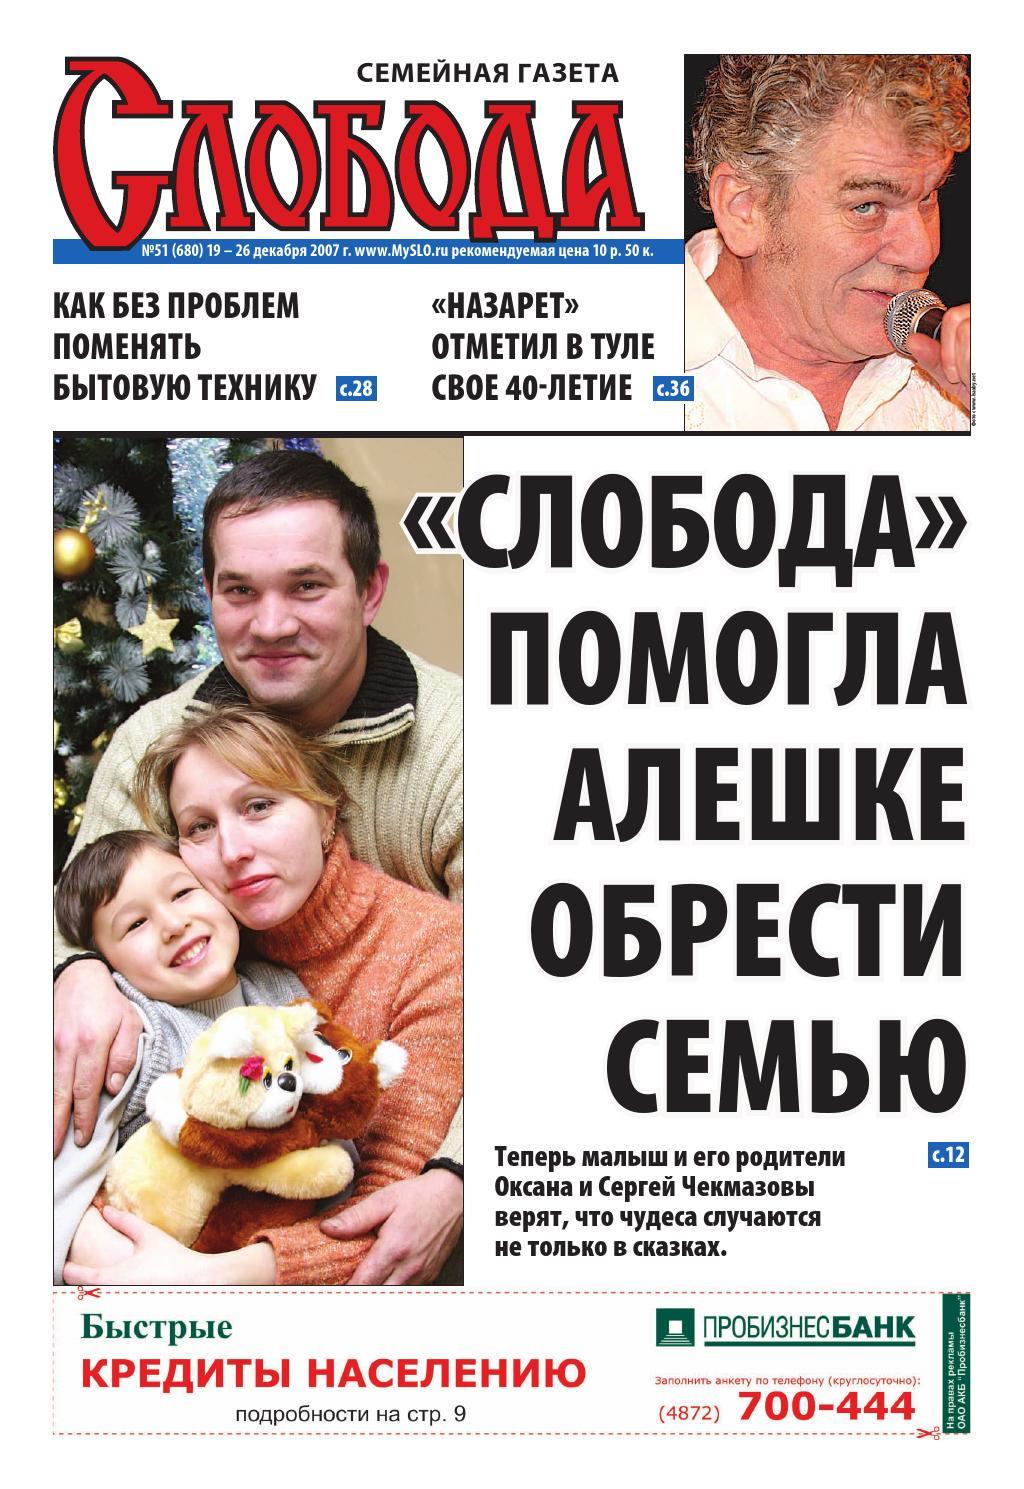 Алла Юганова Без Купальника В Бассейне – Ясновидящая (2009)